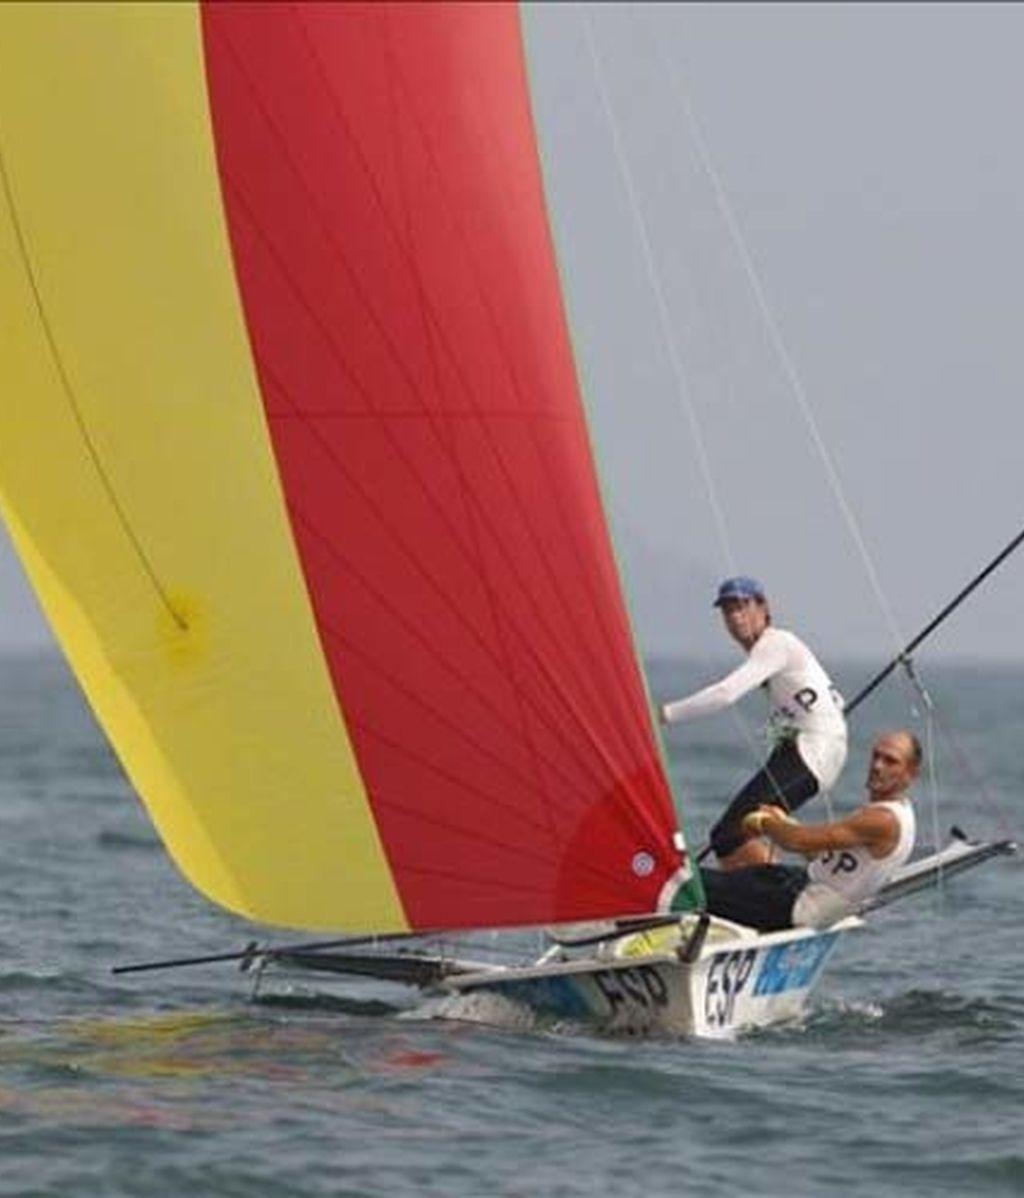 Los españoles Iker Martínez y Xabier Fernández obtienen la medalla de plata en la clase 49er de vela